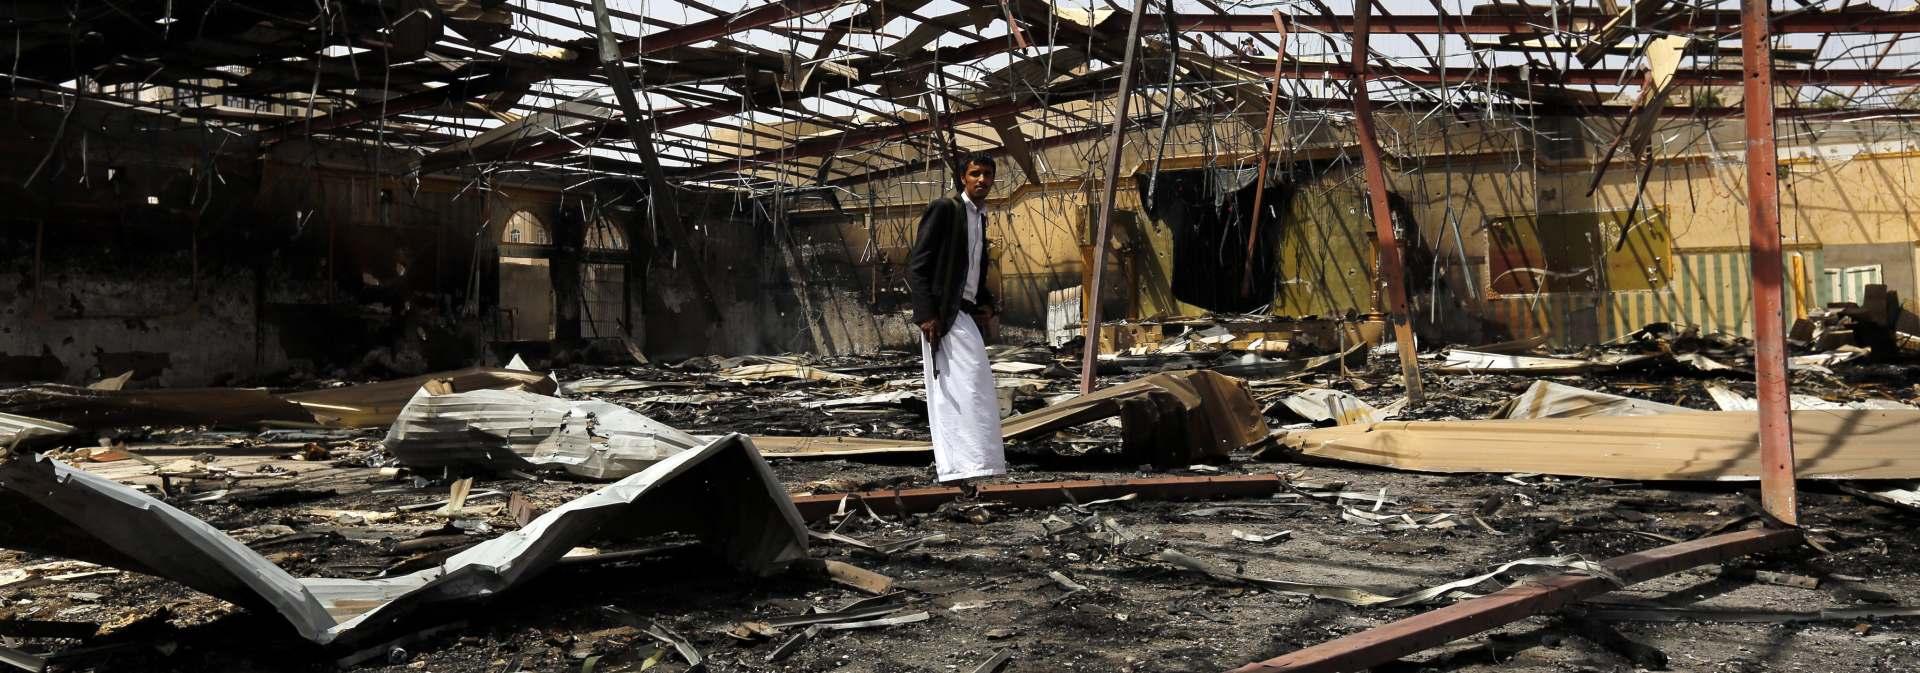 Najmanje 60 mrtvih u koalicijskim napadima na zatvoru u Jemenu